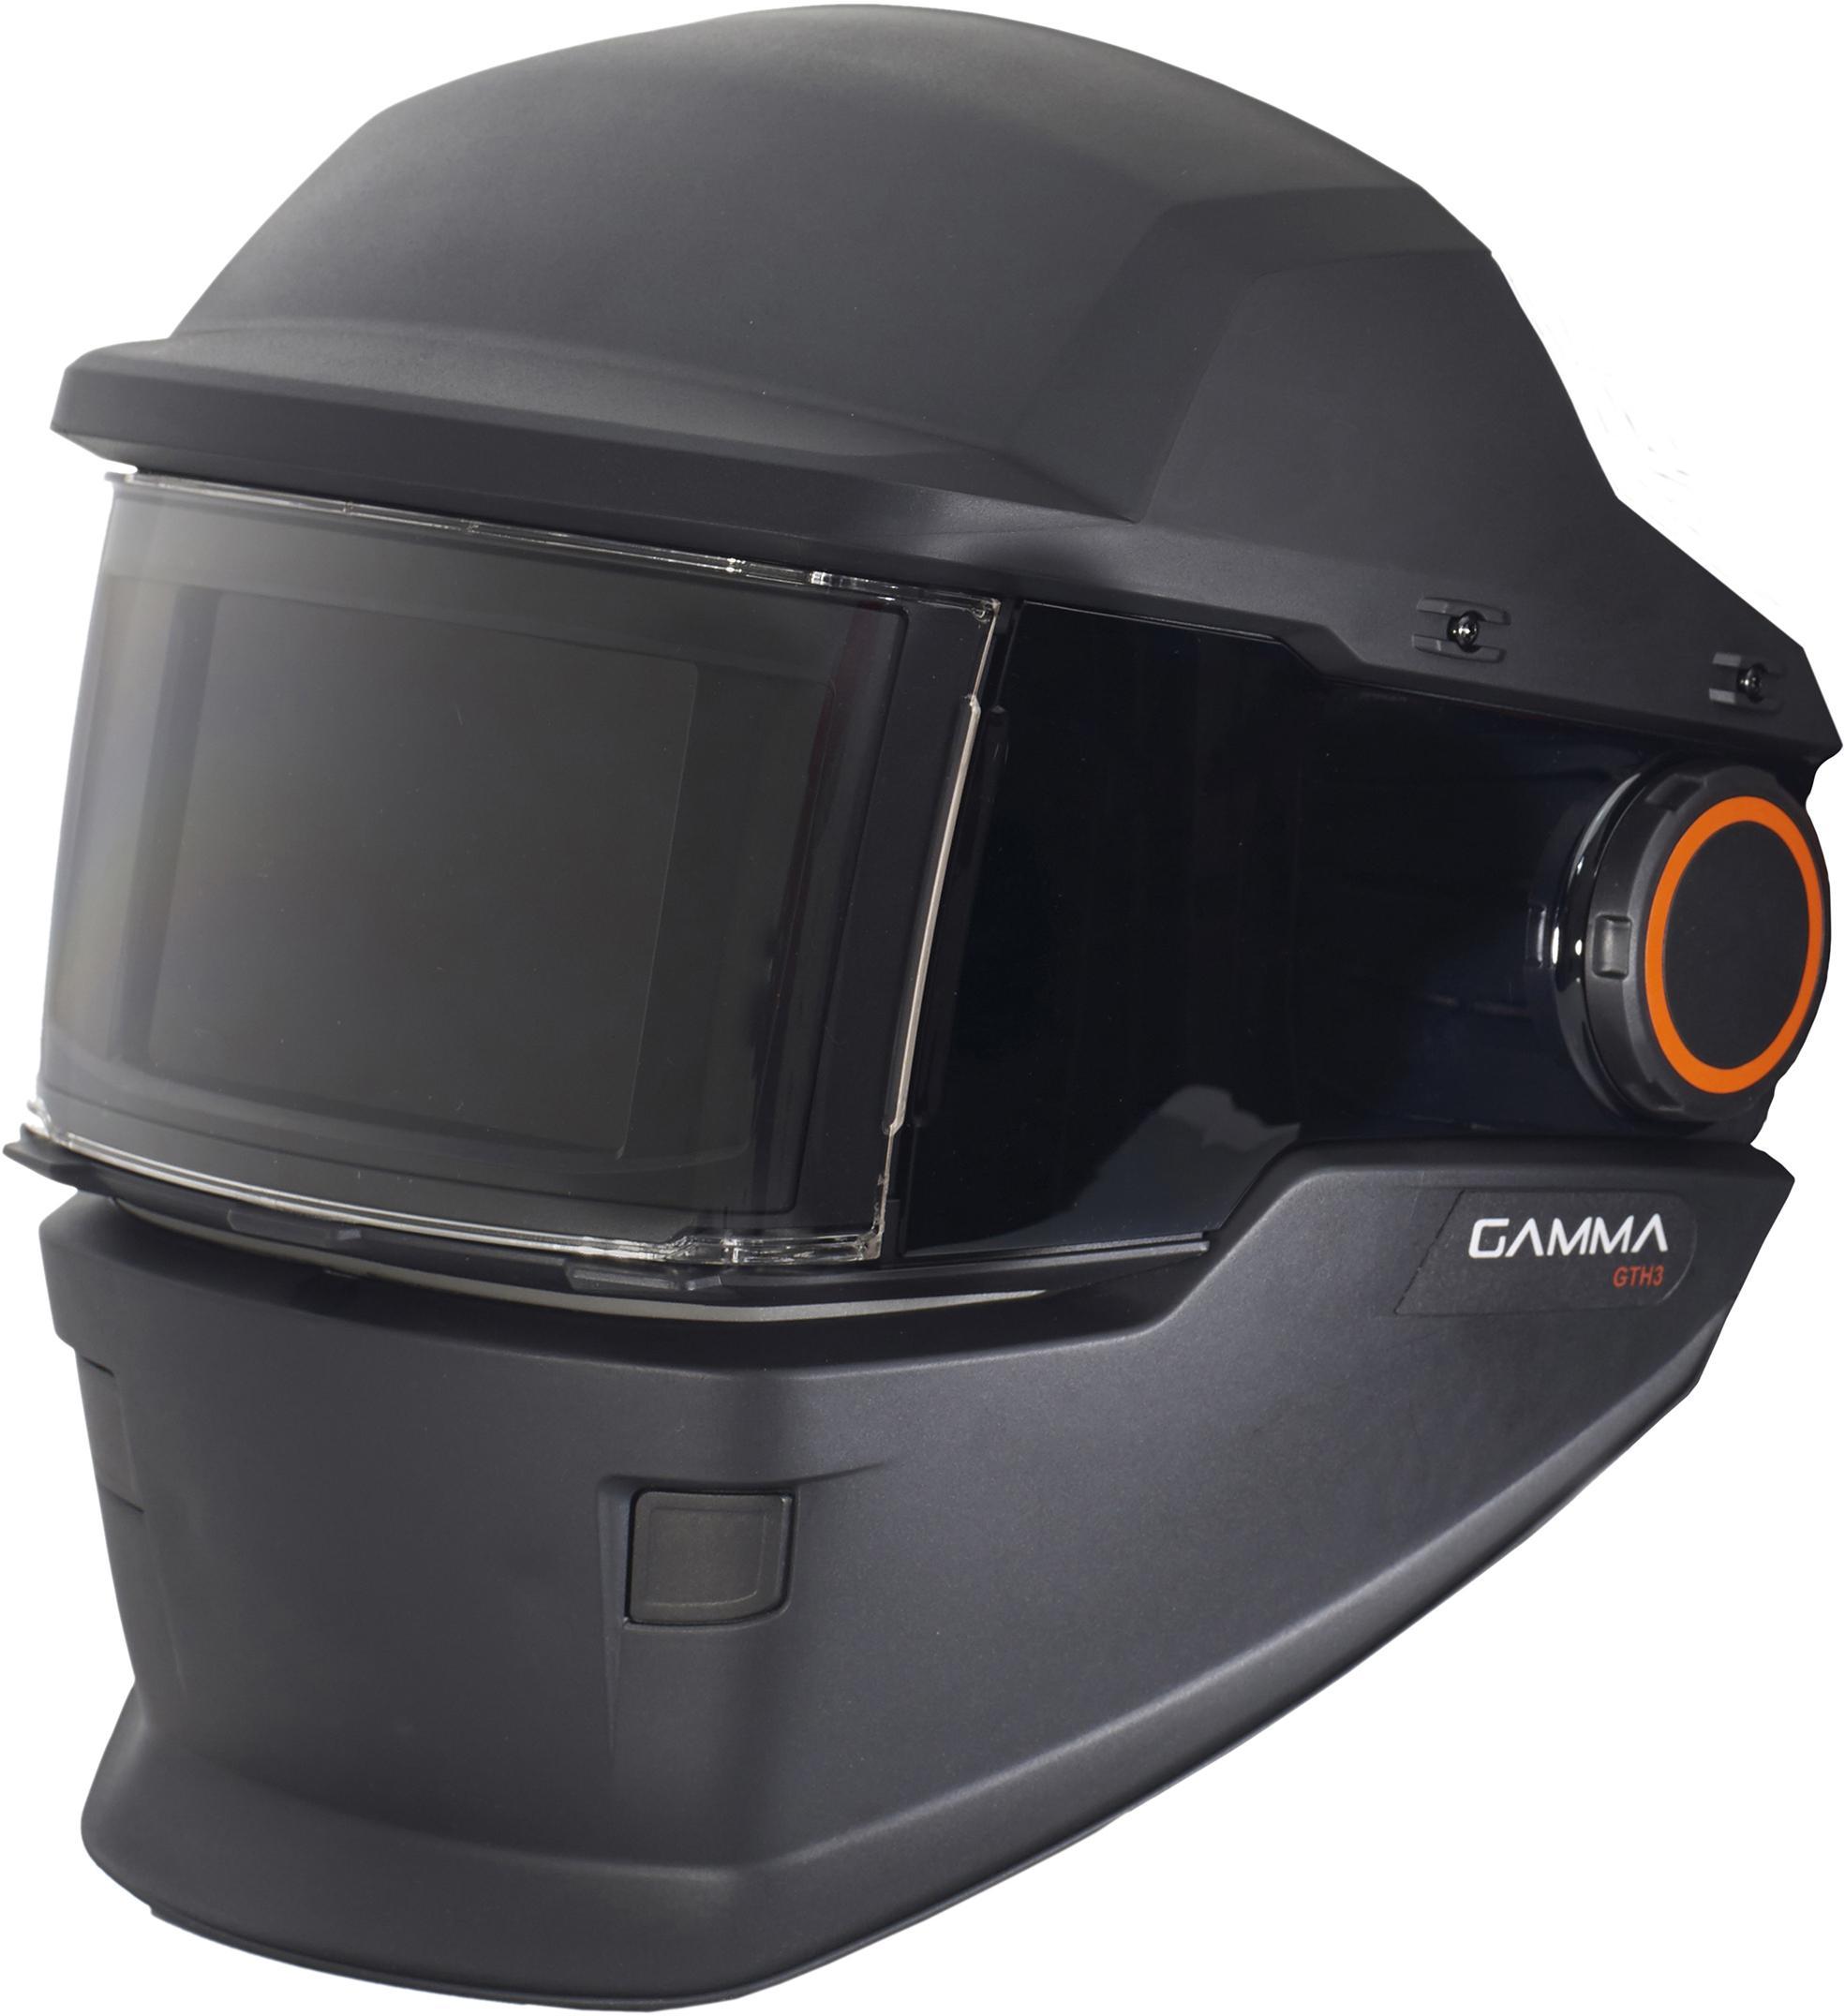 Сварочная маска Kemppi Gamma 100p